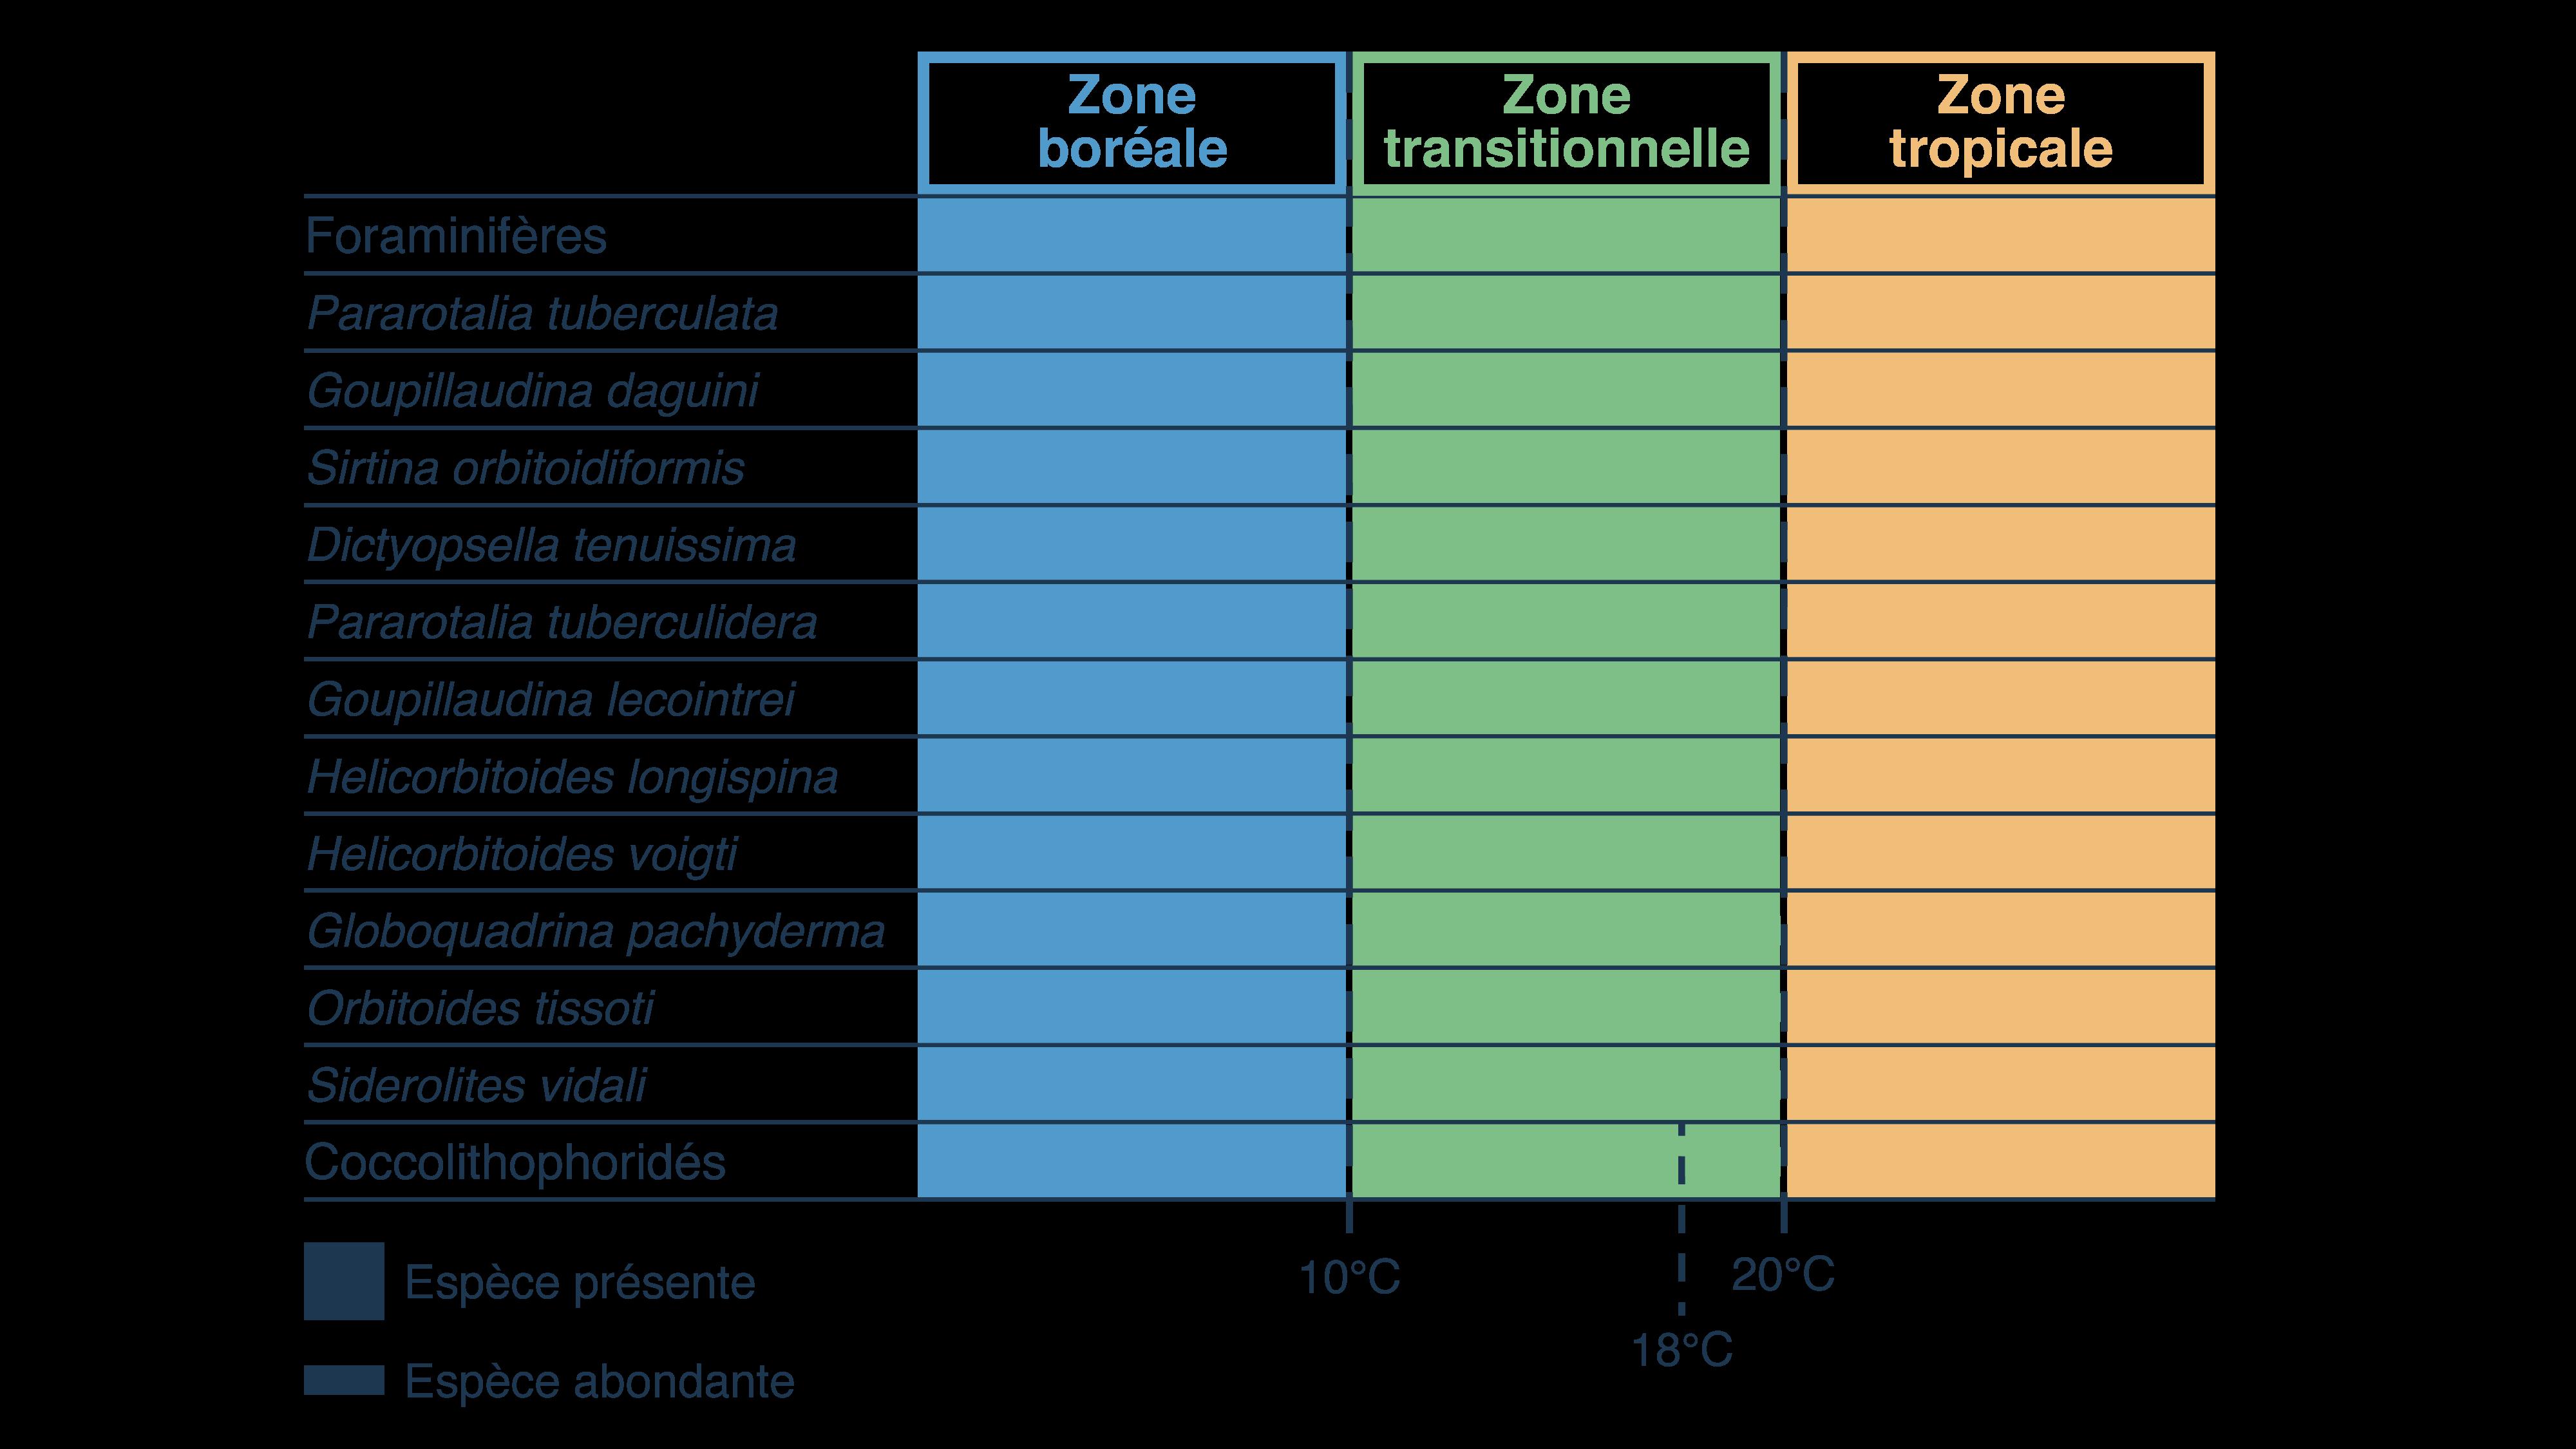 Corrélation entre zones climatiques et présence de microfossiles